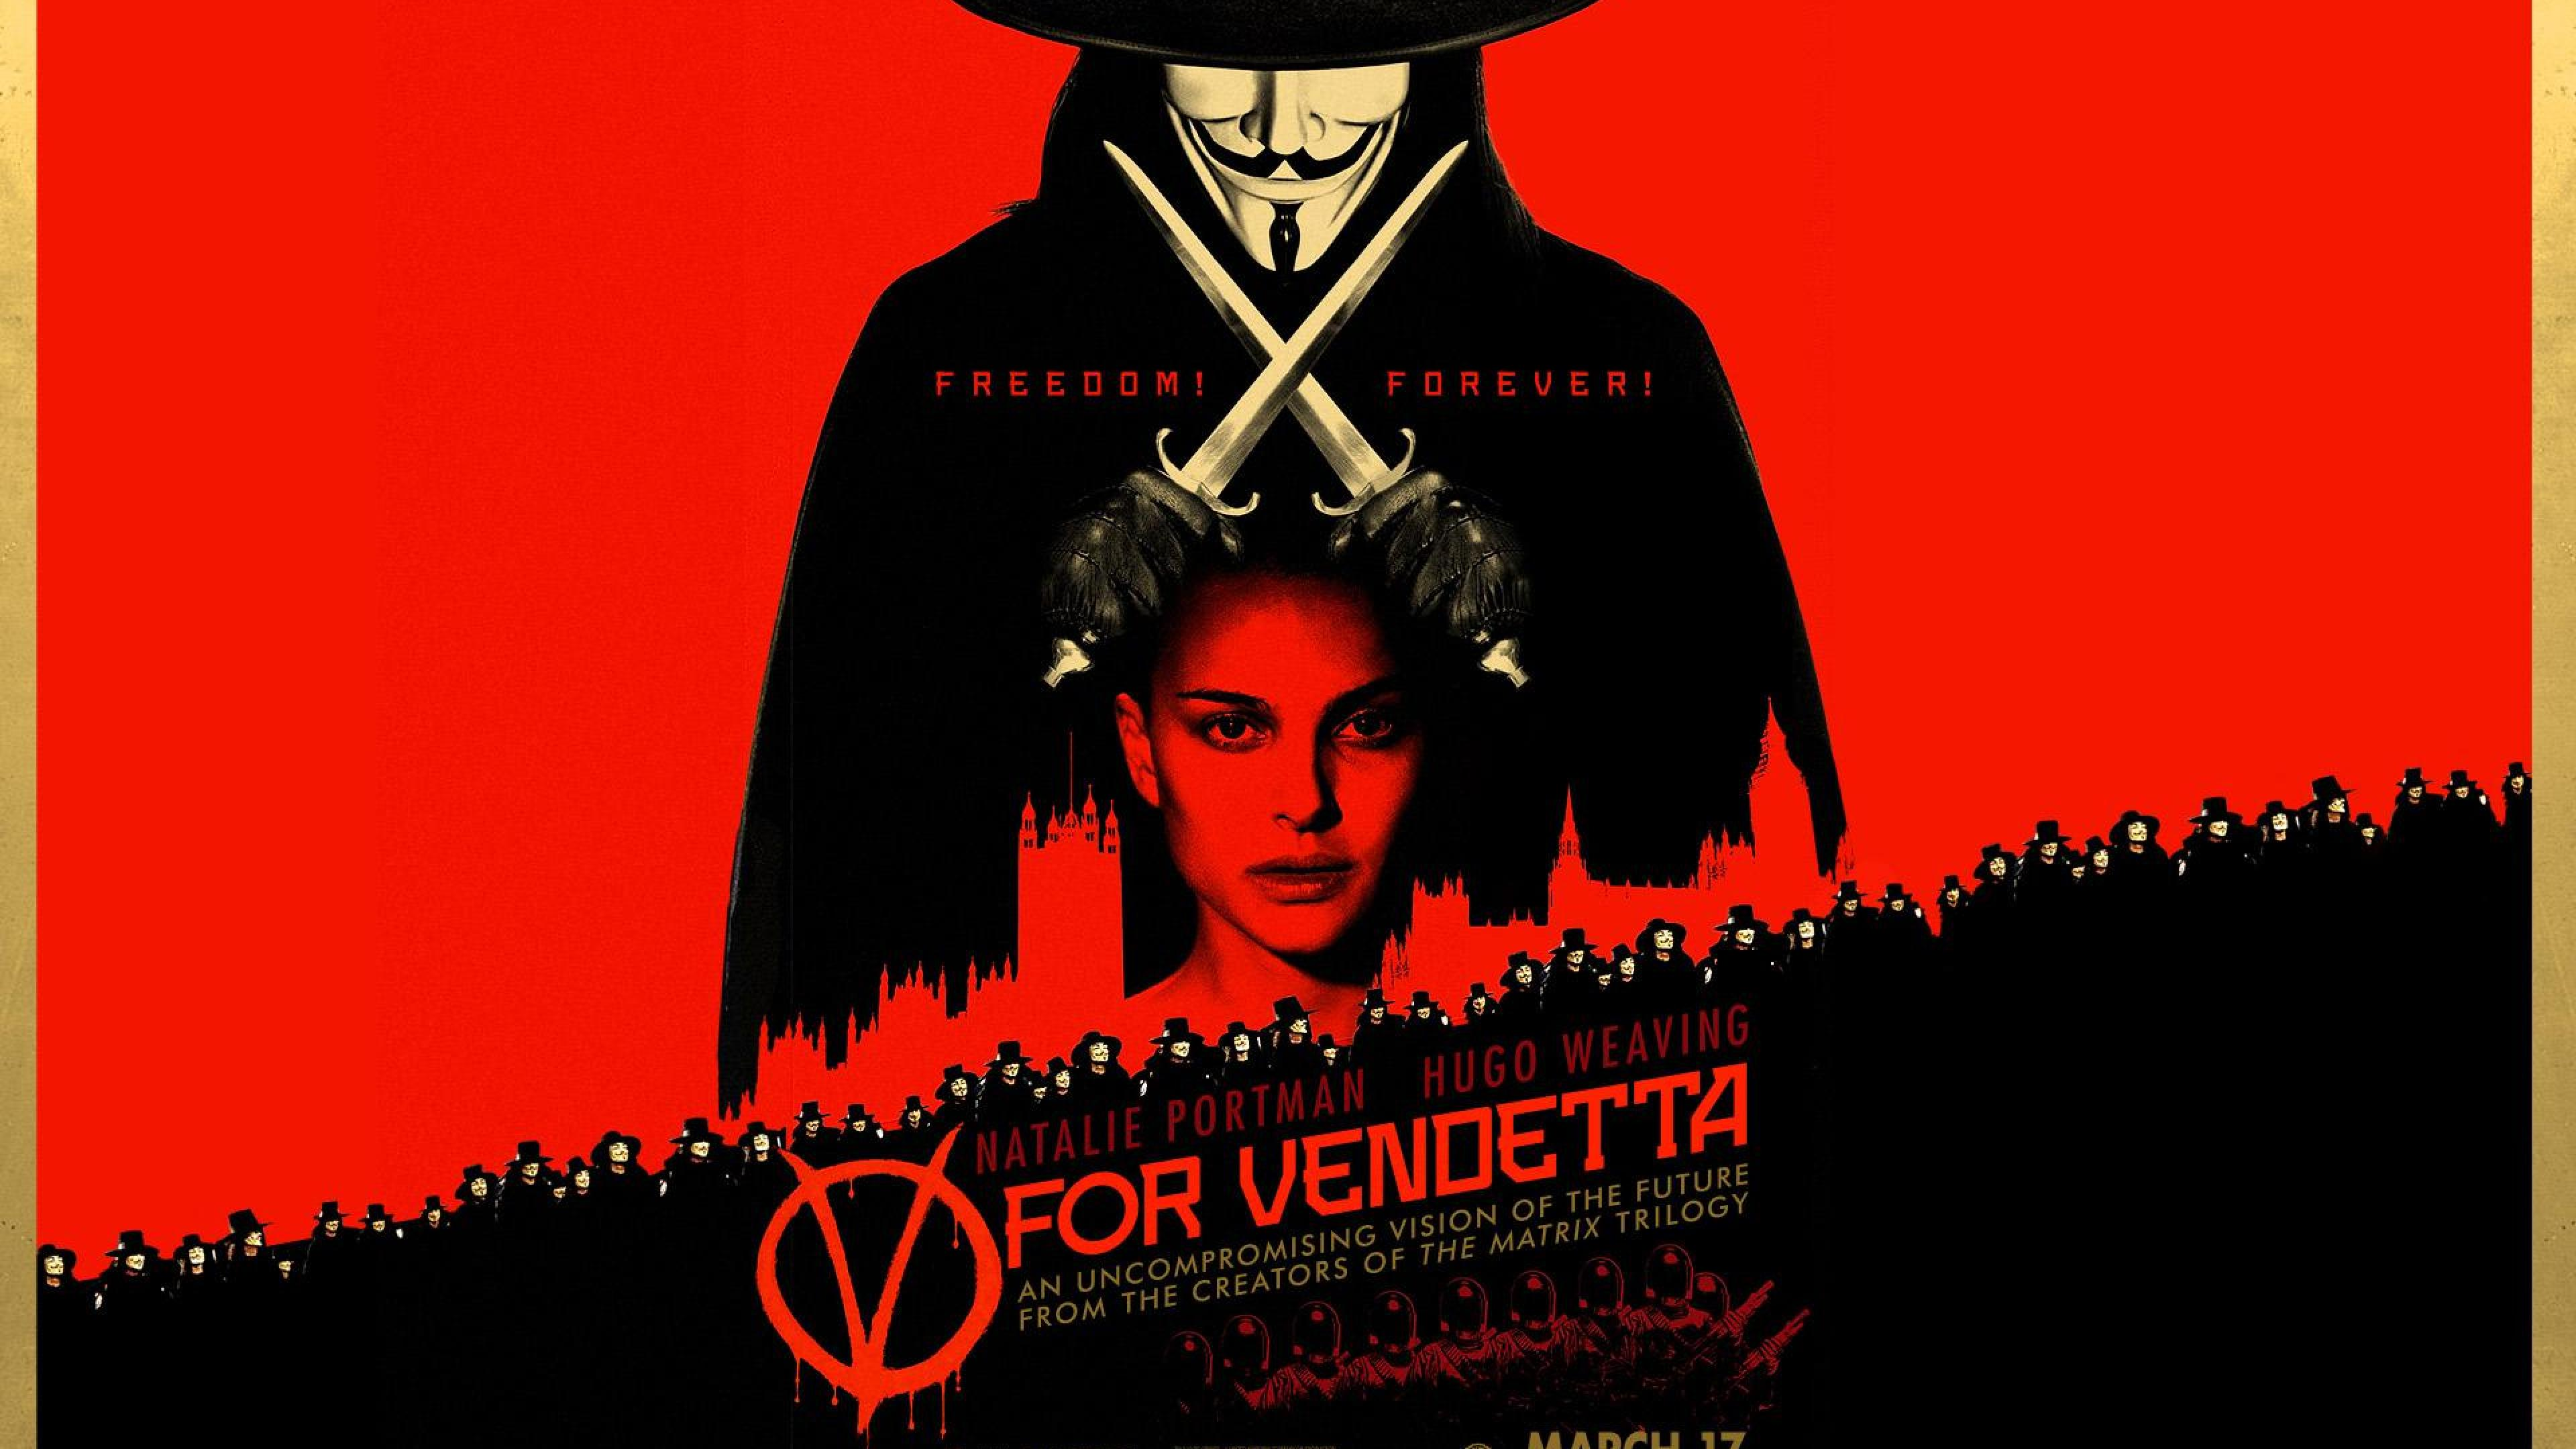 V De Vendetta Wallpaper V For Vendetta 2005 547001 Hd